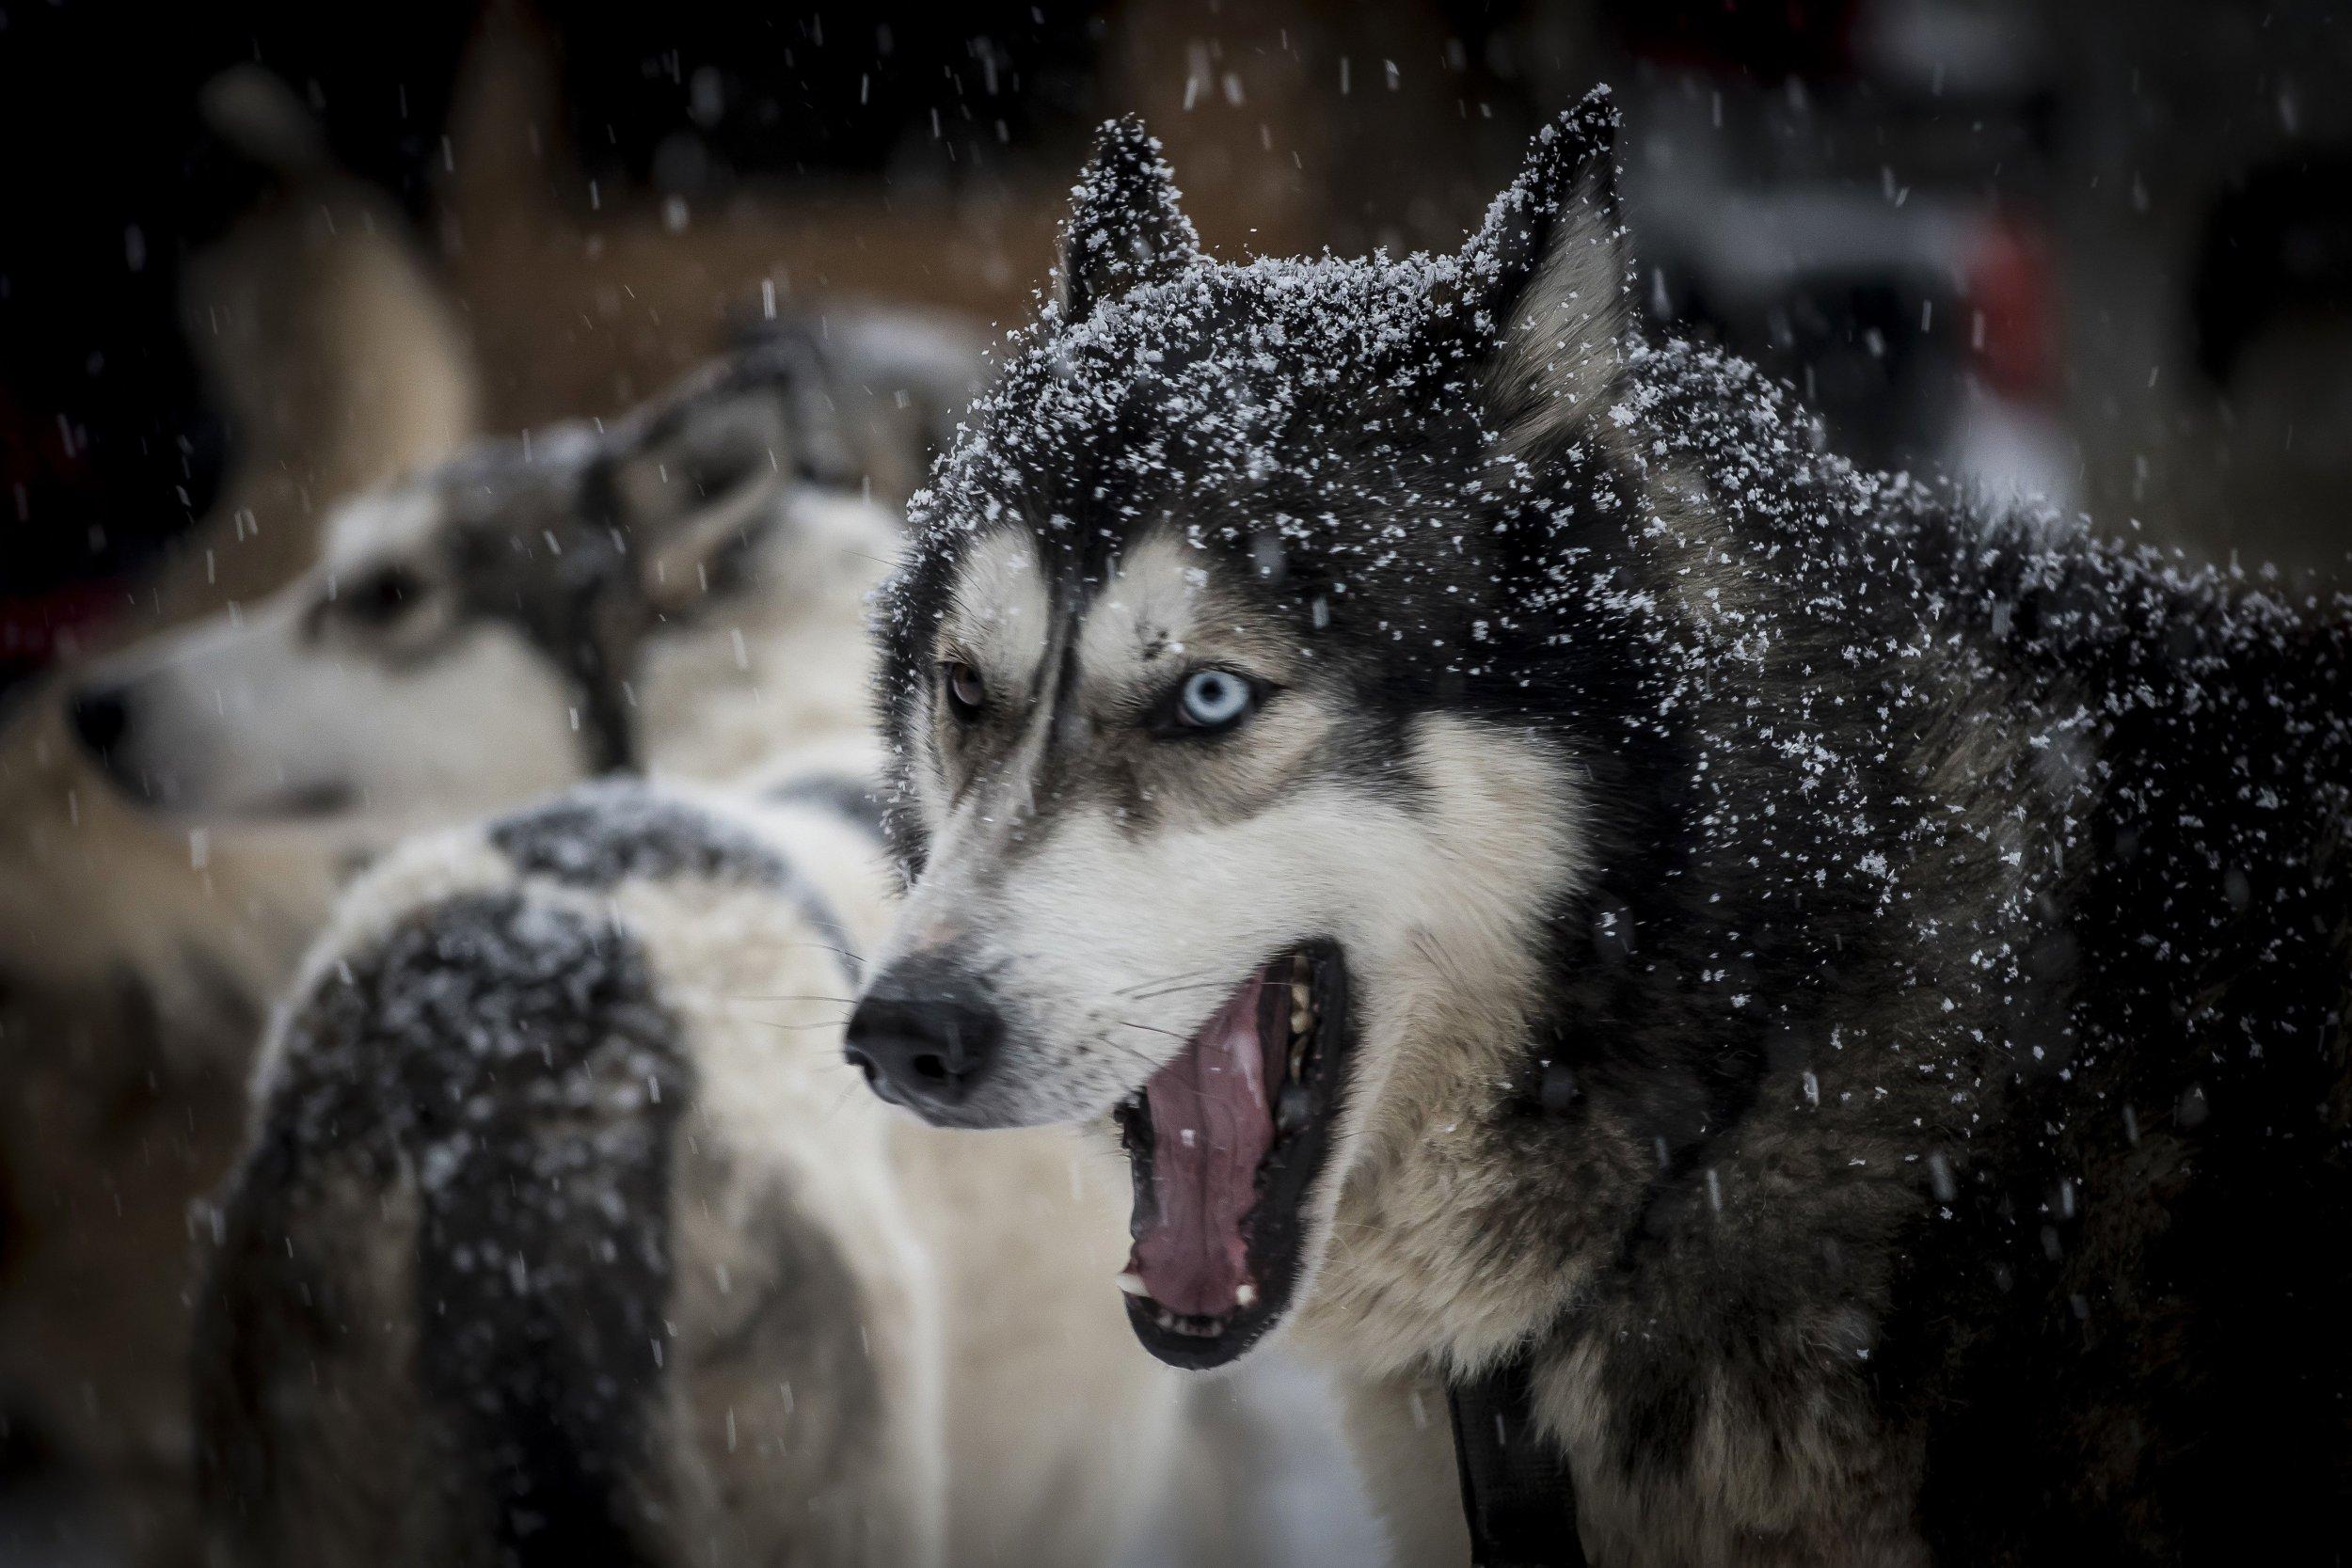 Sled dog snow